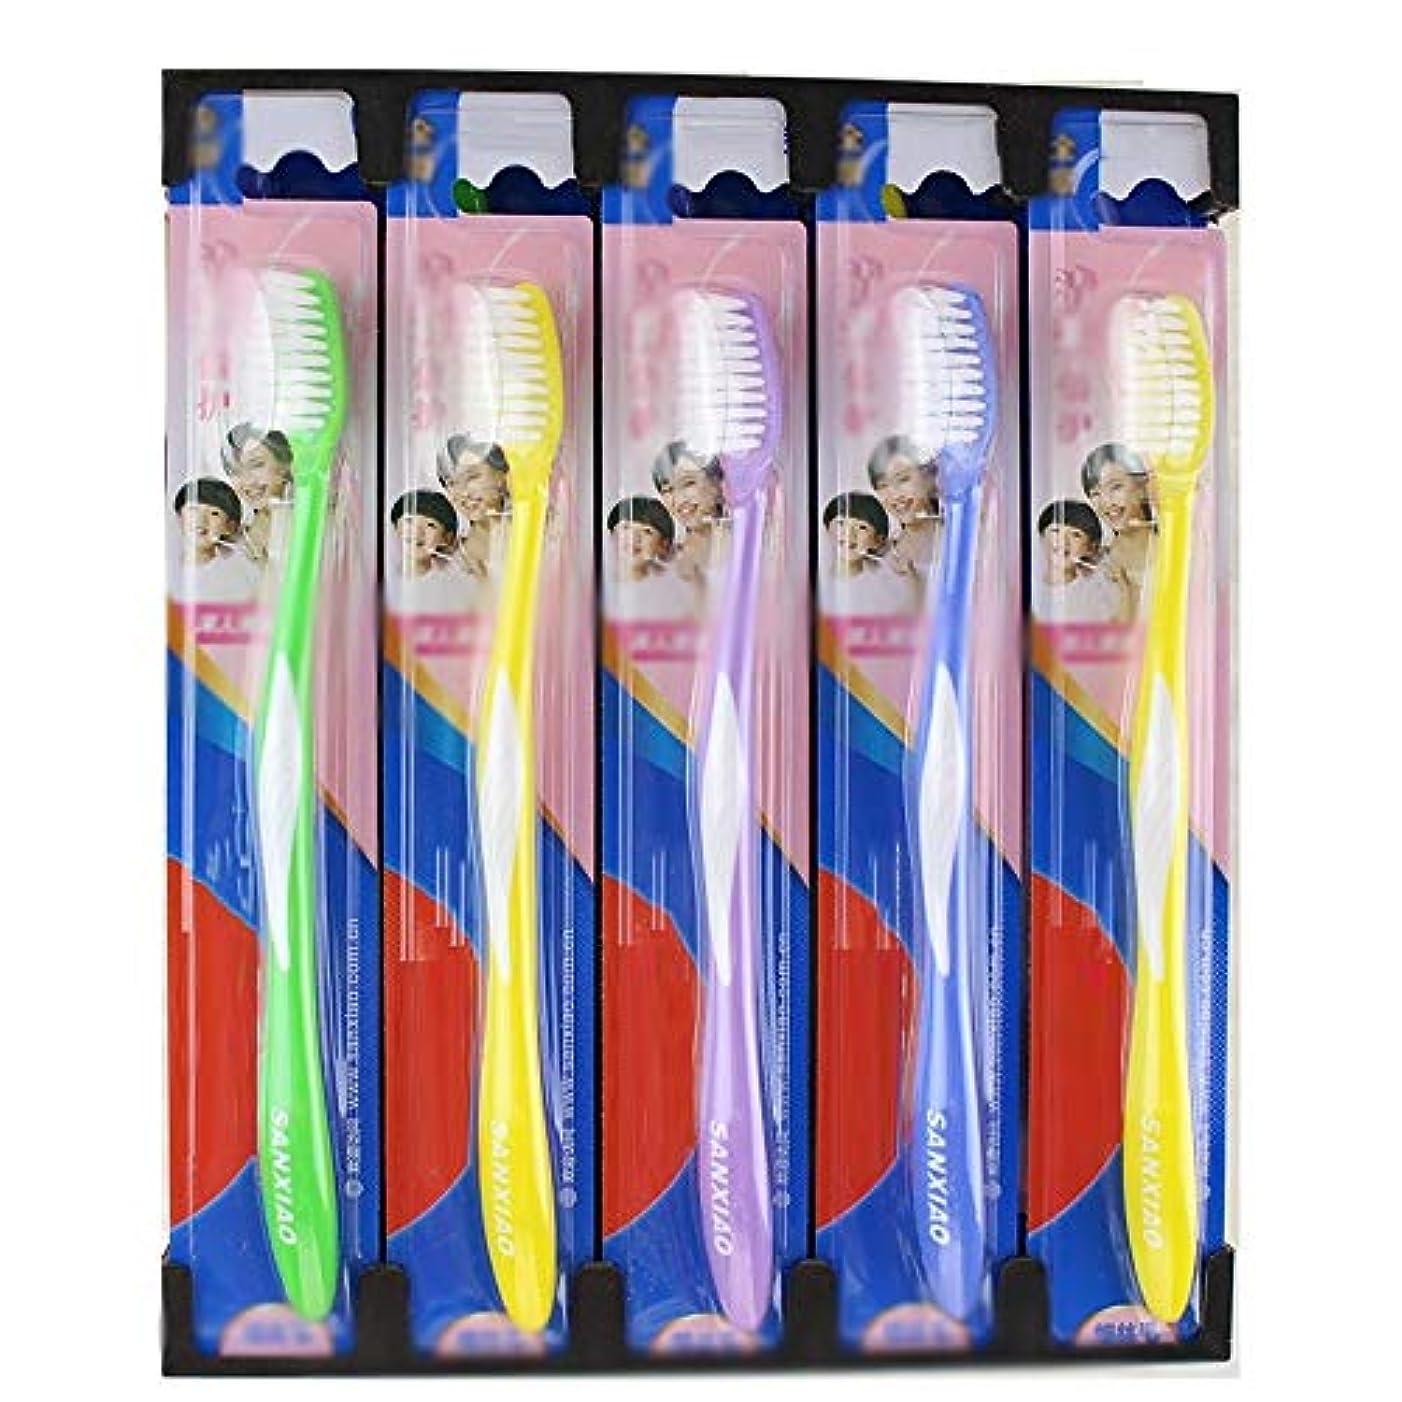 高原緑大脳歯ブラシ 30パック歯ブラシ、ファミリーパック歯ブラシ、歯科衛生の深いクリーニング - 使用可能なスタイルの3種類 HL (色 : A, サイズ : 30 packs)